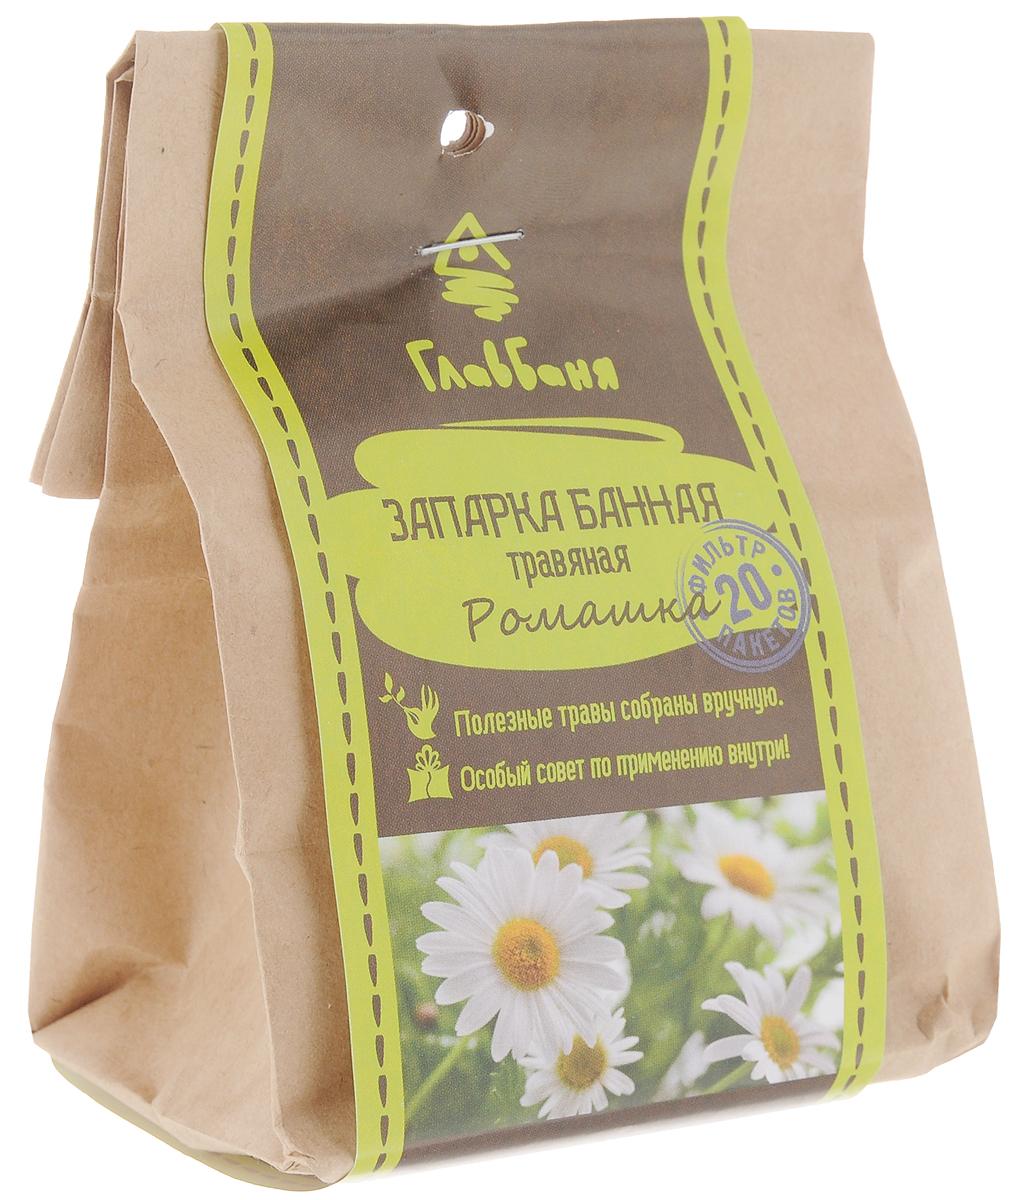 Запарка для бани и сауны Главбаня Ромашка, 20 фильтр-пакетиковБ2142Оздоровительная запарка для бани и сауны Главбаня Ромашка представляет собой высушенные и измельченные целебные травы. Обработанные таким образом, они сохраняют целебные свойства и натуральный аромат. Запарка с ромашкой позволит: - укрепить здоровье, - повысить иммунитет, - повысить тонус организма, - вывести из организма токсины и шлаки. Настоящие ценители русской бани обязательно оценят аромат и полезные свойства ромашки. Запарку рекомендуют подготавливать за 15 минут до принятия ванны или бани. В емкость с водой (2-5 л) помещается мешочек с травами, закрывается крышкой. Настаивать рекомендуется 15-20 минут. Запарку можно применять для компрессов, ополаскивания тела и волос. Для придания аромата можно полить немного отвара на раскаленные камни. Количество фильтр-пакетиков: 20 шт. Товар сертифицирован.